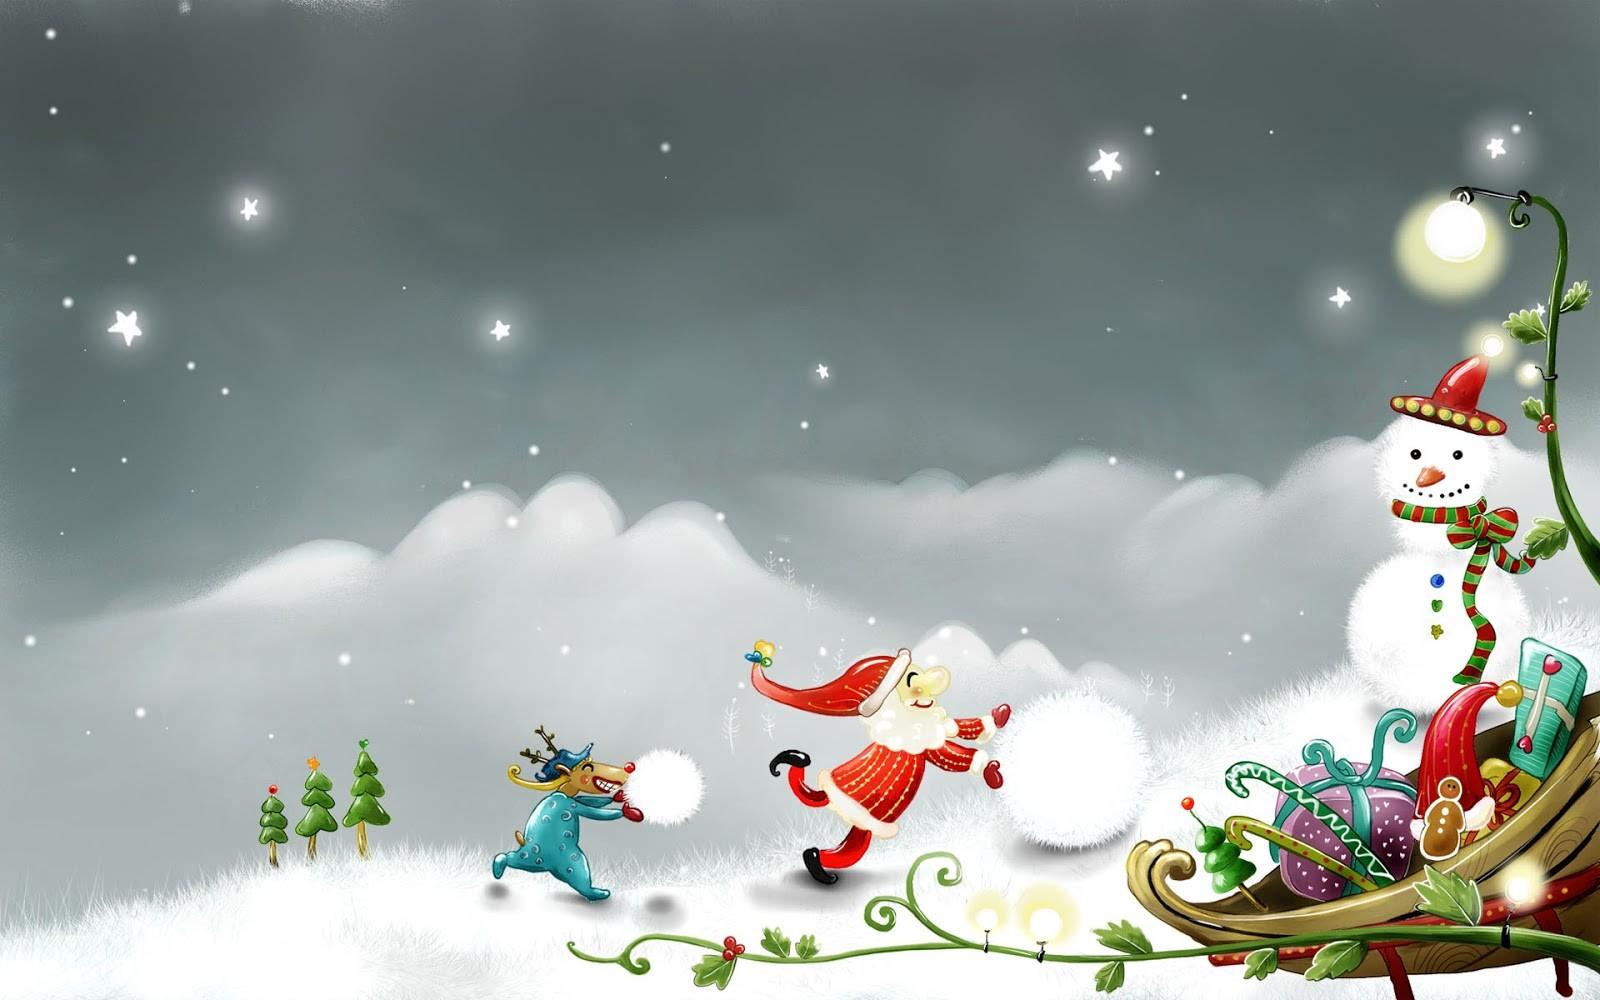 Christmas Widescreen Wallpaper 18507 Wallpaper Wallpaper hd 1600x1000